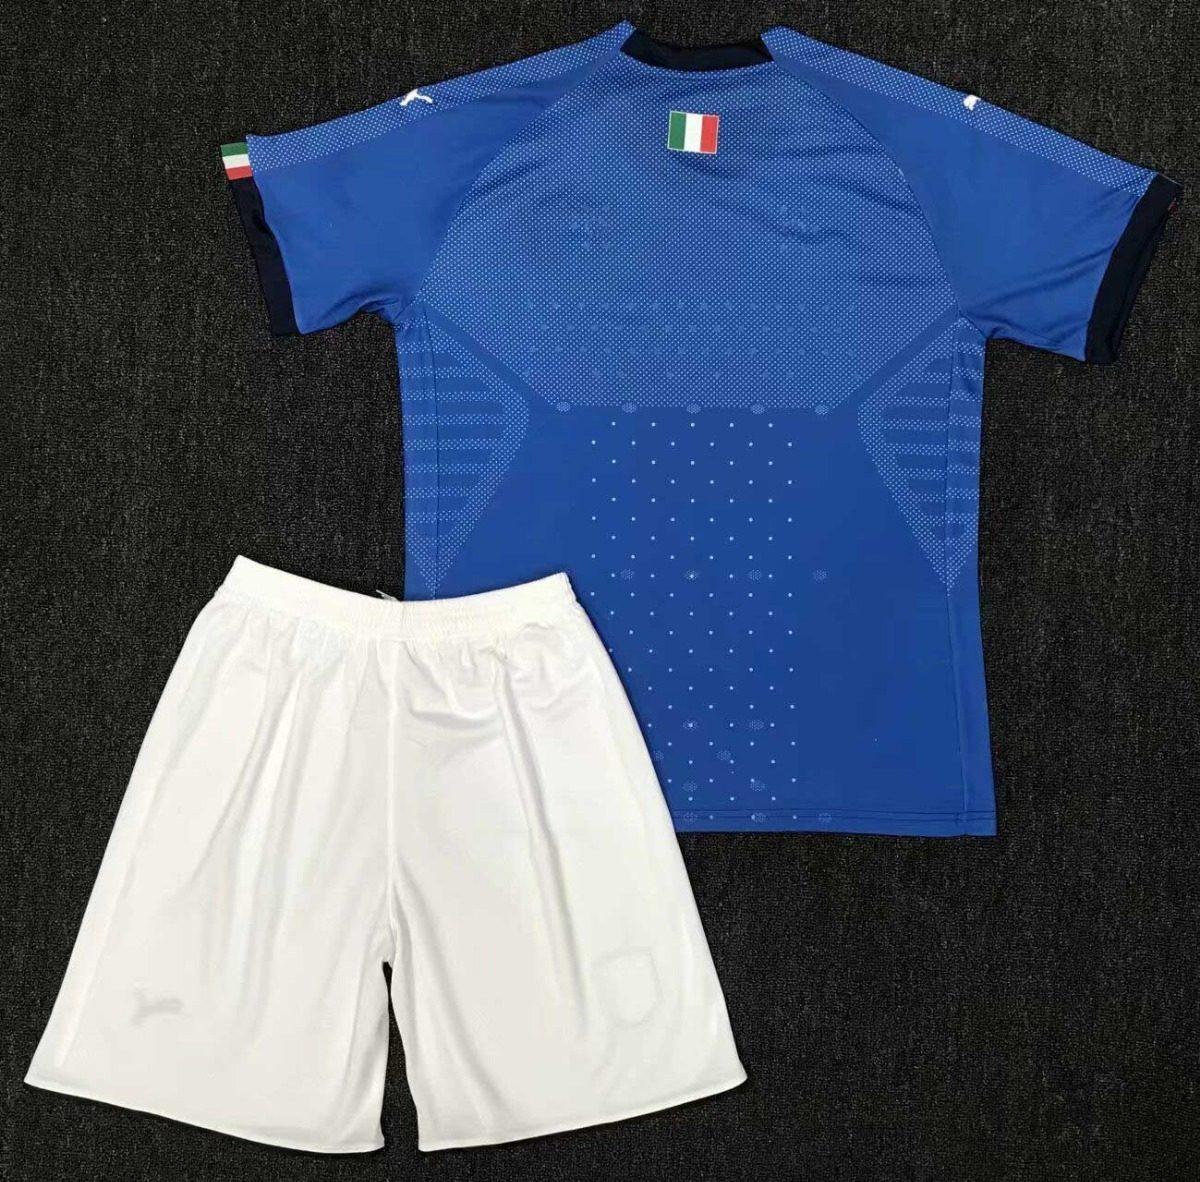 8fab4b8cea Uniforme Infantil Camisa E Shorts Criança Seleção Itália - R  149